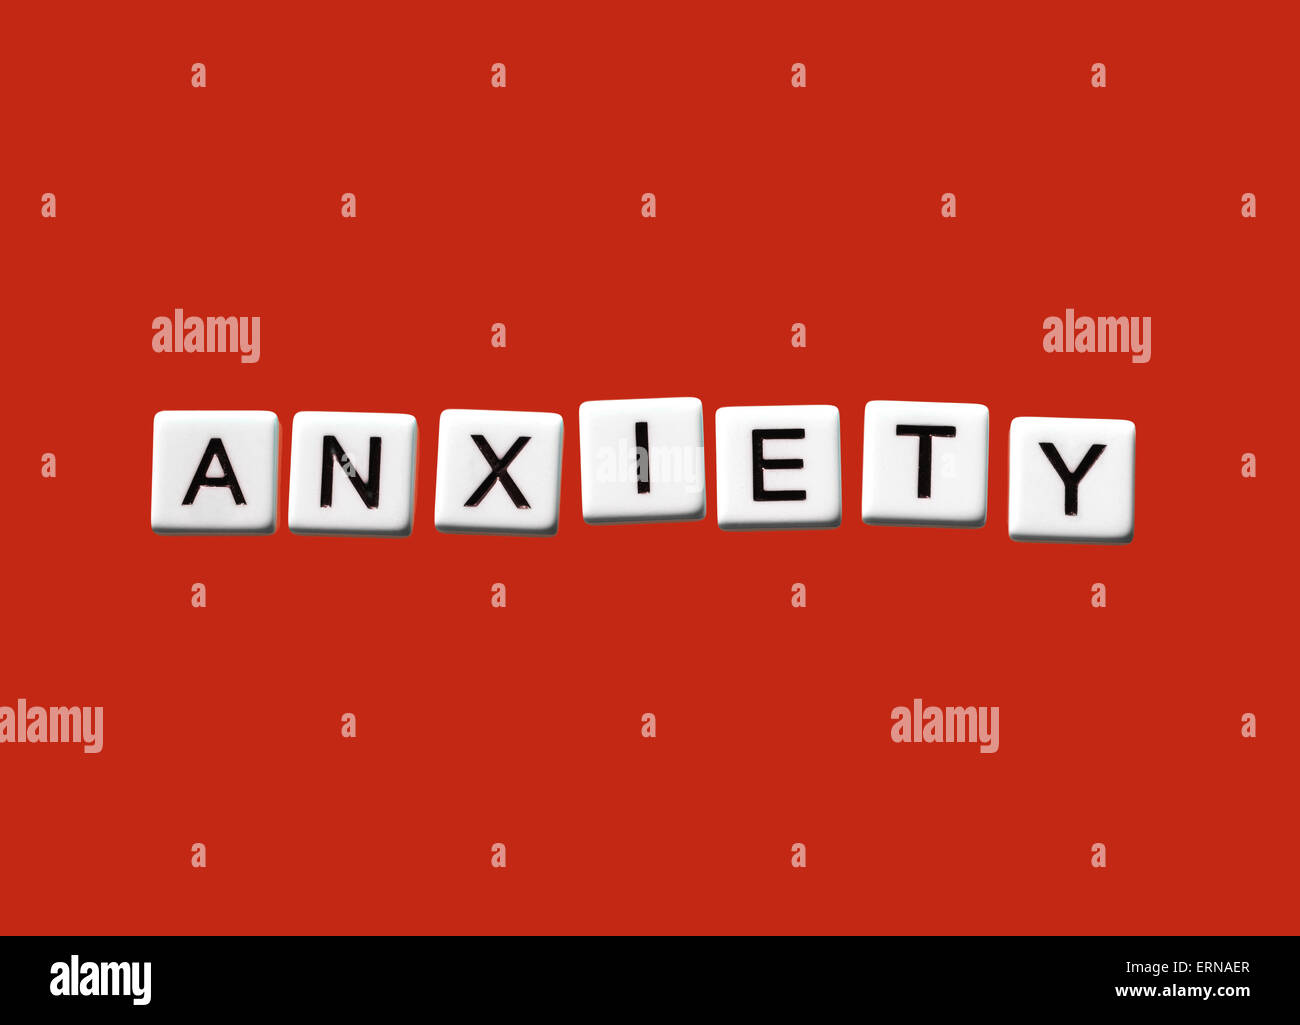 L'anxiété en surbrillance sur blocs blancs Photo Stock